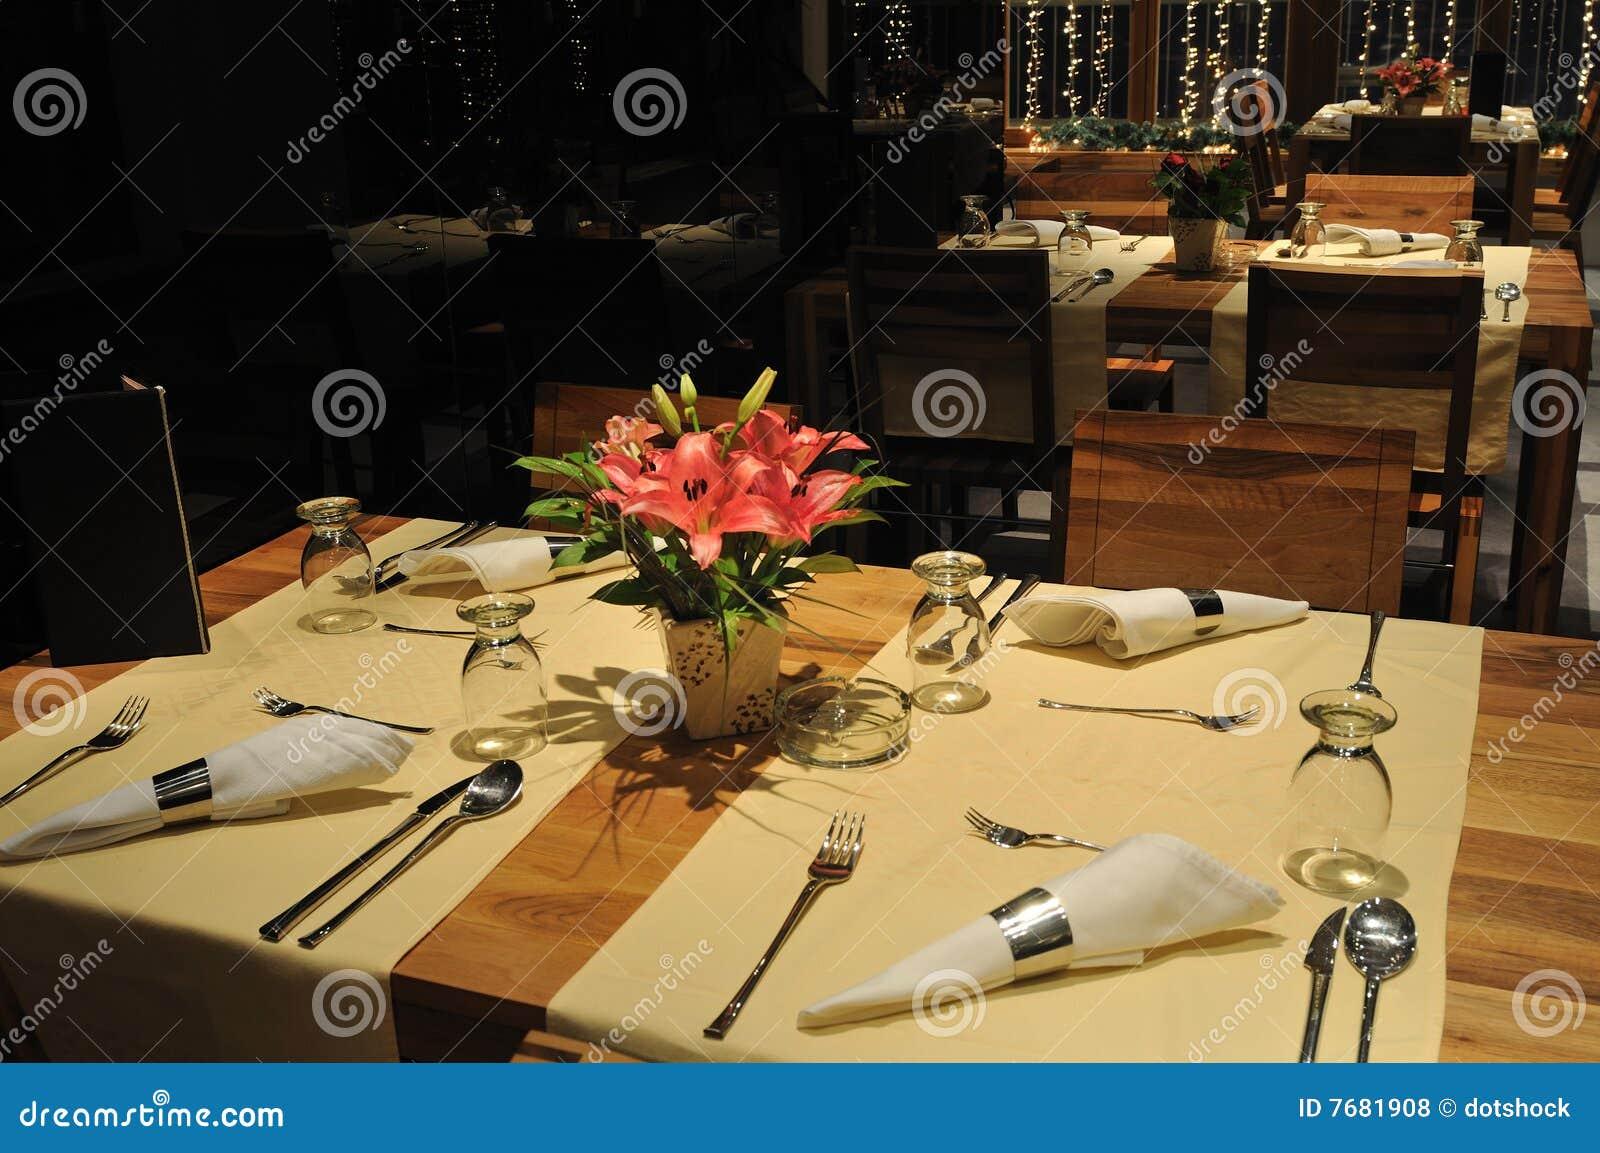 Restaurante interno moderno luxuoso foto de stock imagem for Interno moderno